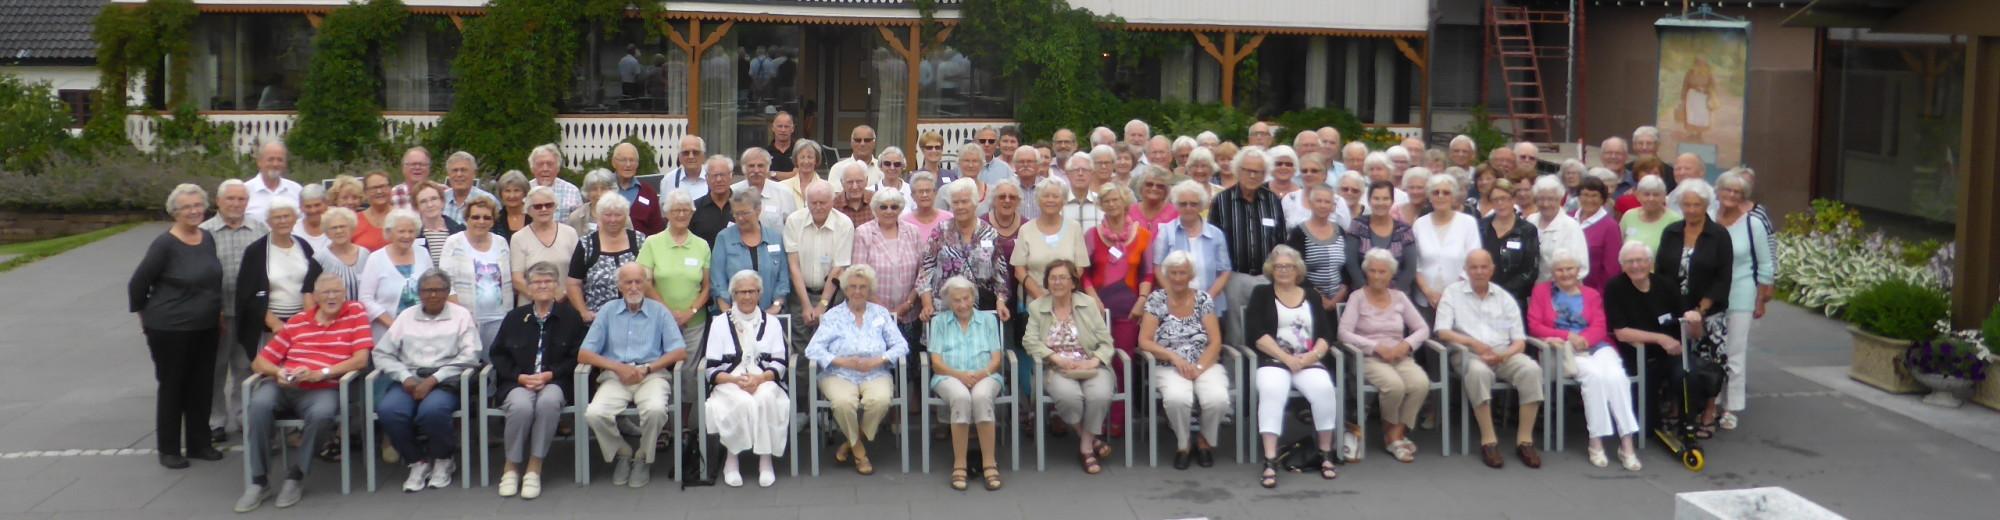 SDA seniorforening